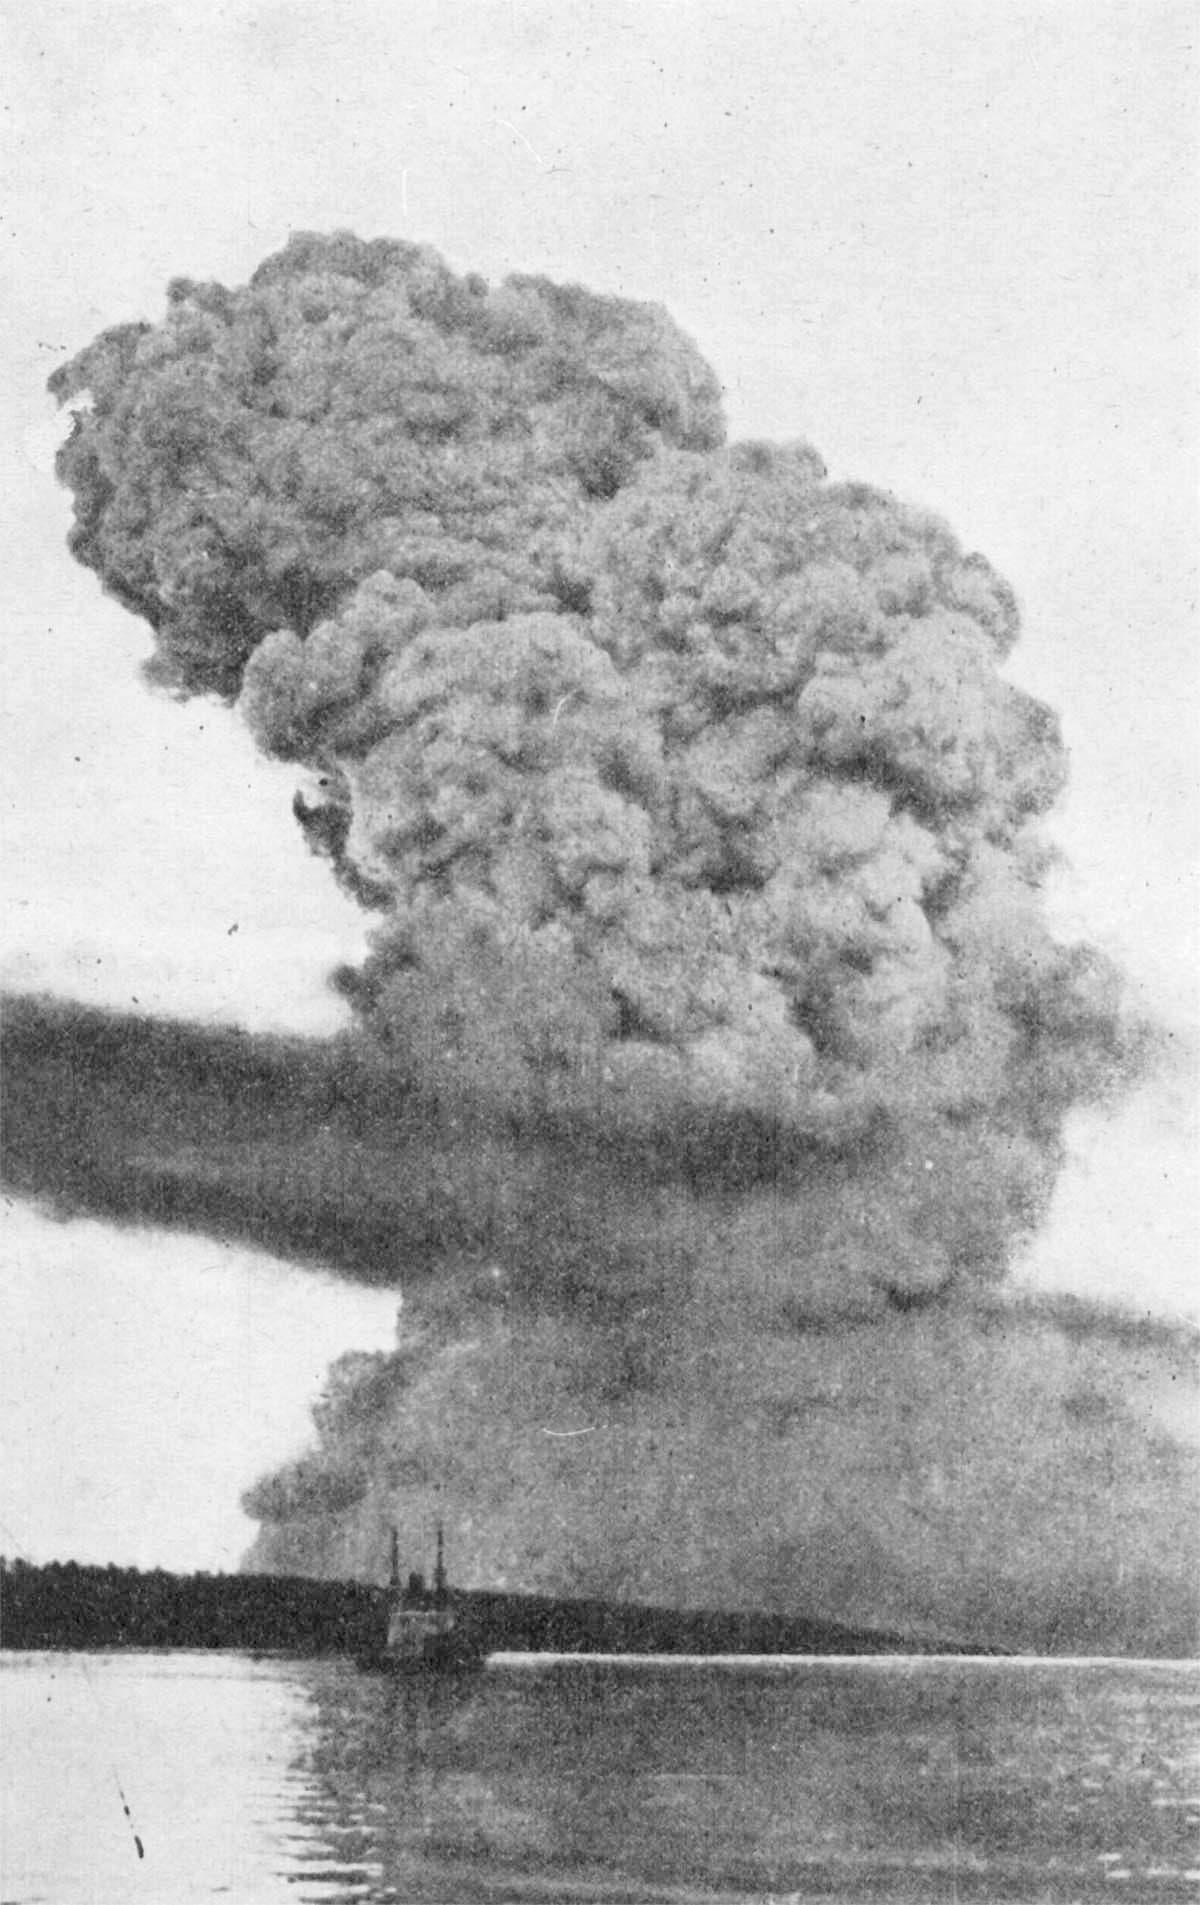 صورة للدخان المتصاعد عقب انفجار هاليفاكس